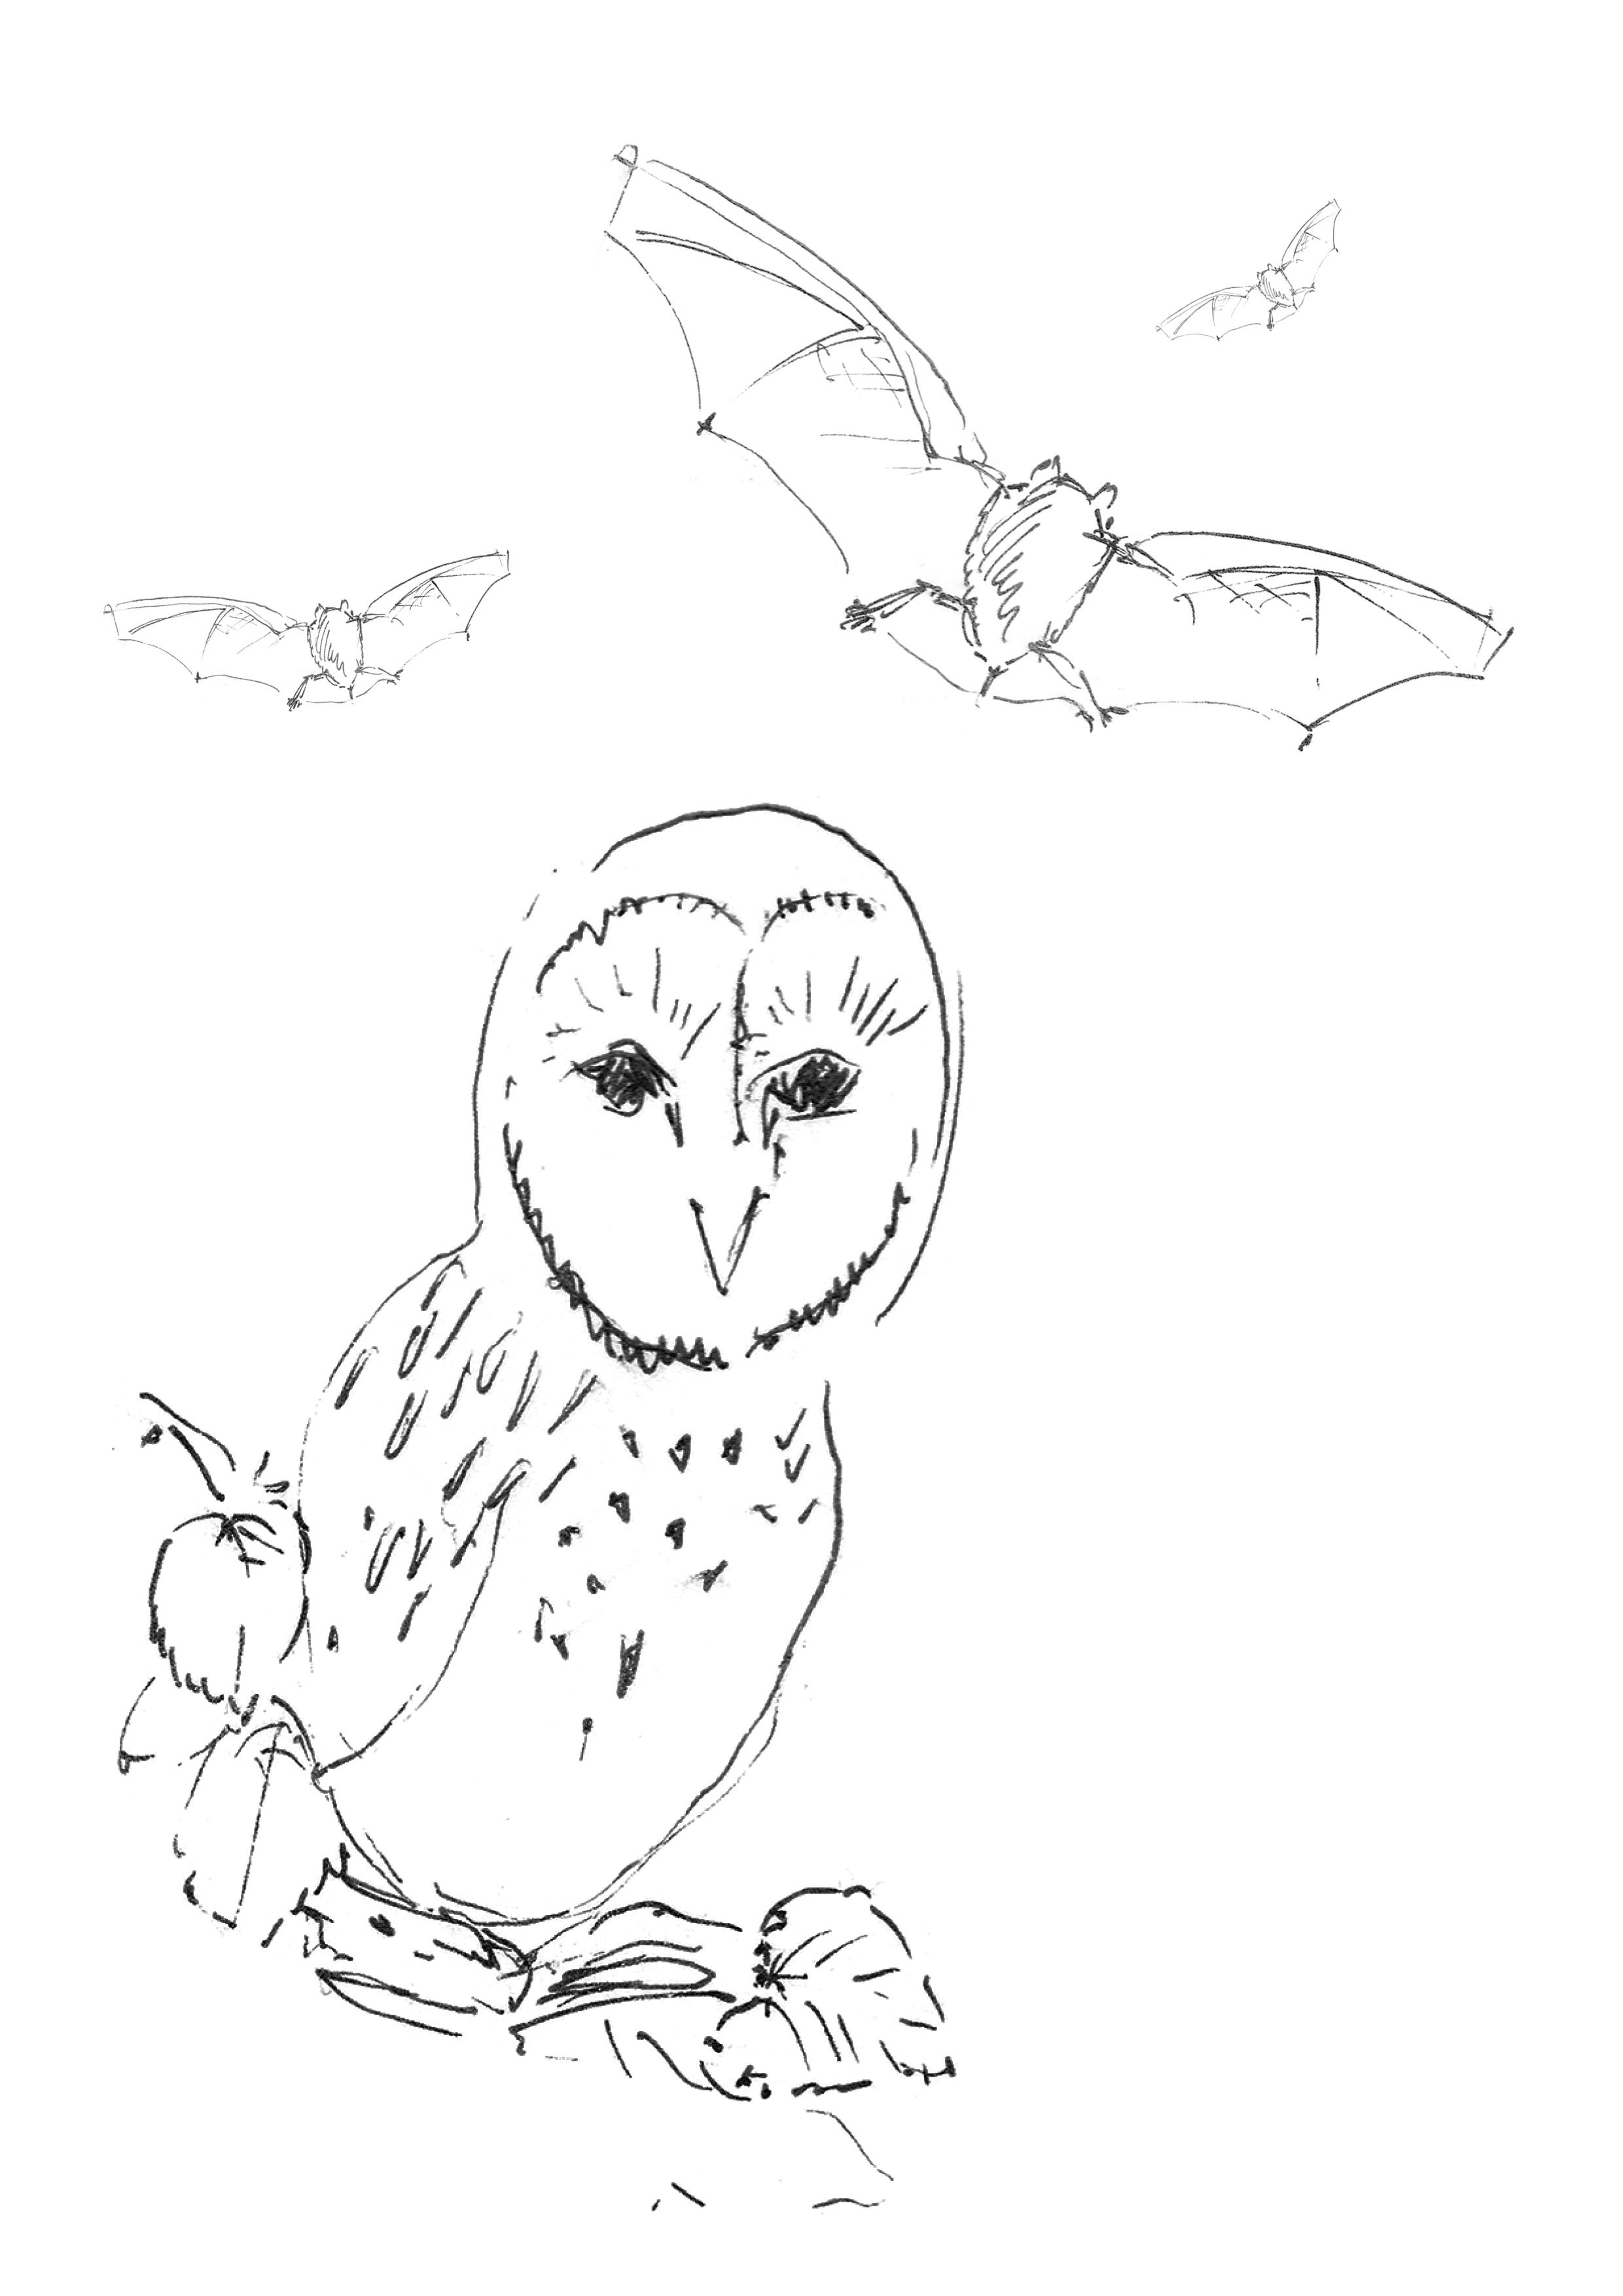 Piirroskuva pöllöstä ja lepakosta.